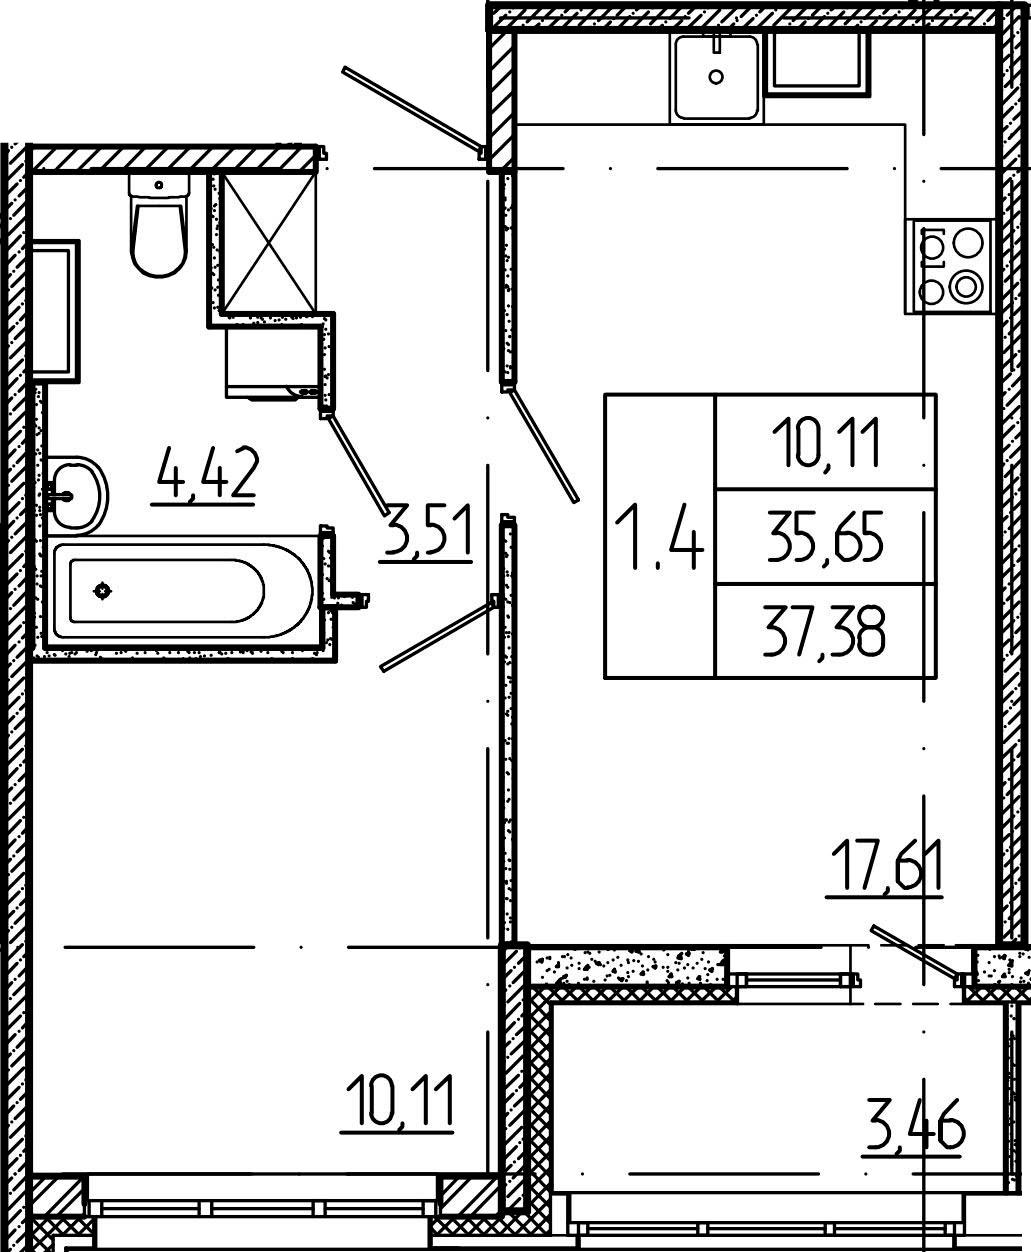 2Е-комнатная, 35.65 м²– 2